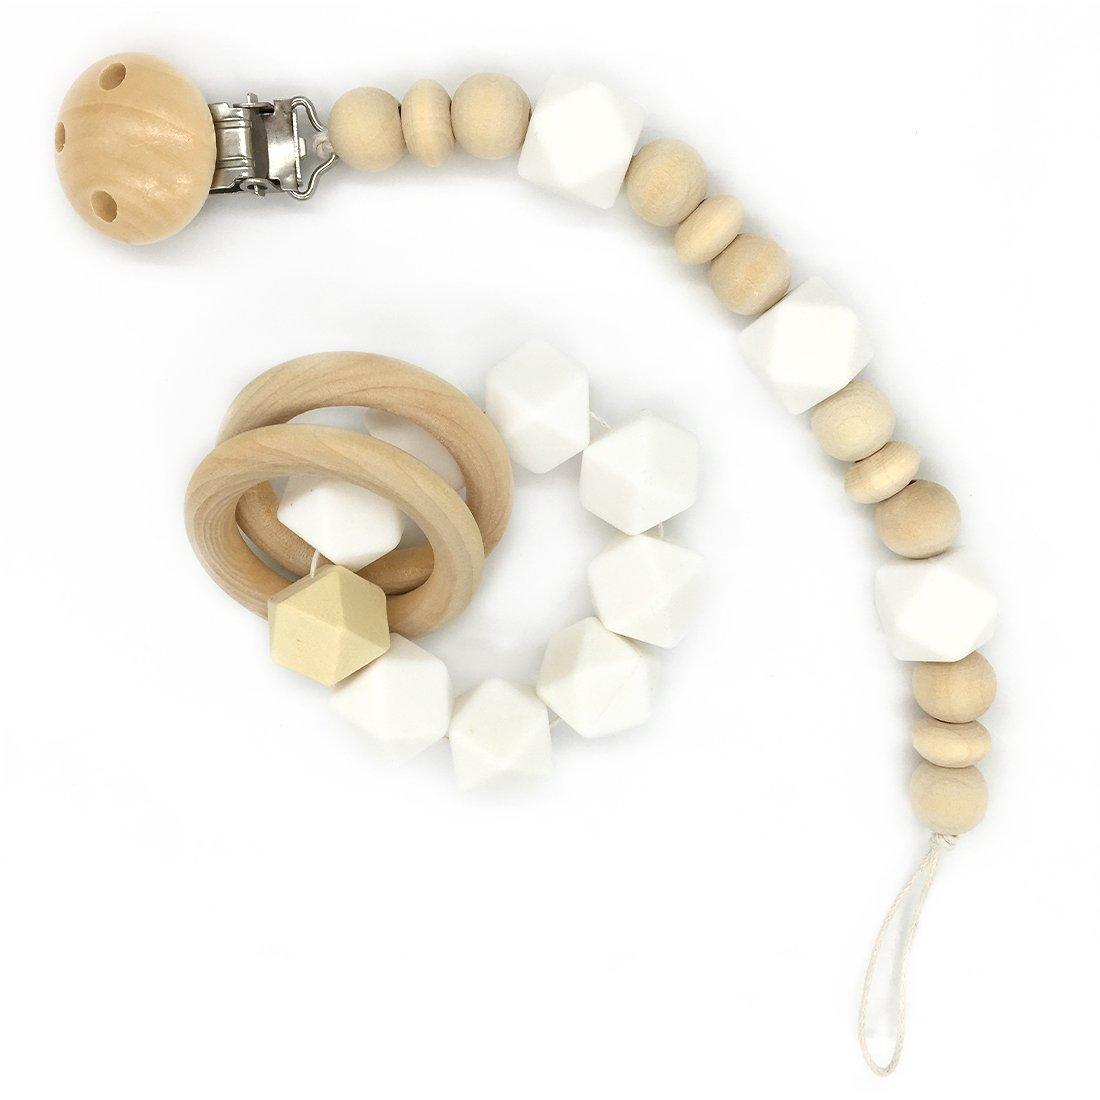 Turquesa Coskiss Madera beb/é Mordedor anillo de madera Chupete clip Org/ánica de madera Montessori juguete de silicona Perlas de mordedores para beb/és Mordedor libre de BPA